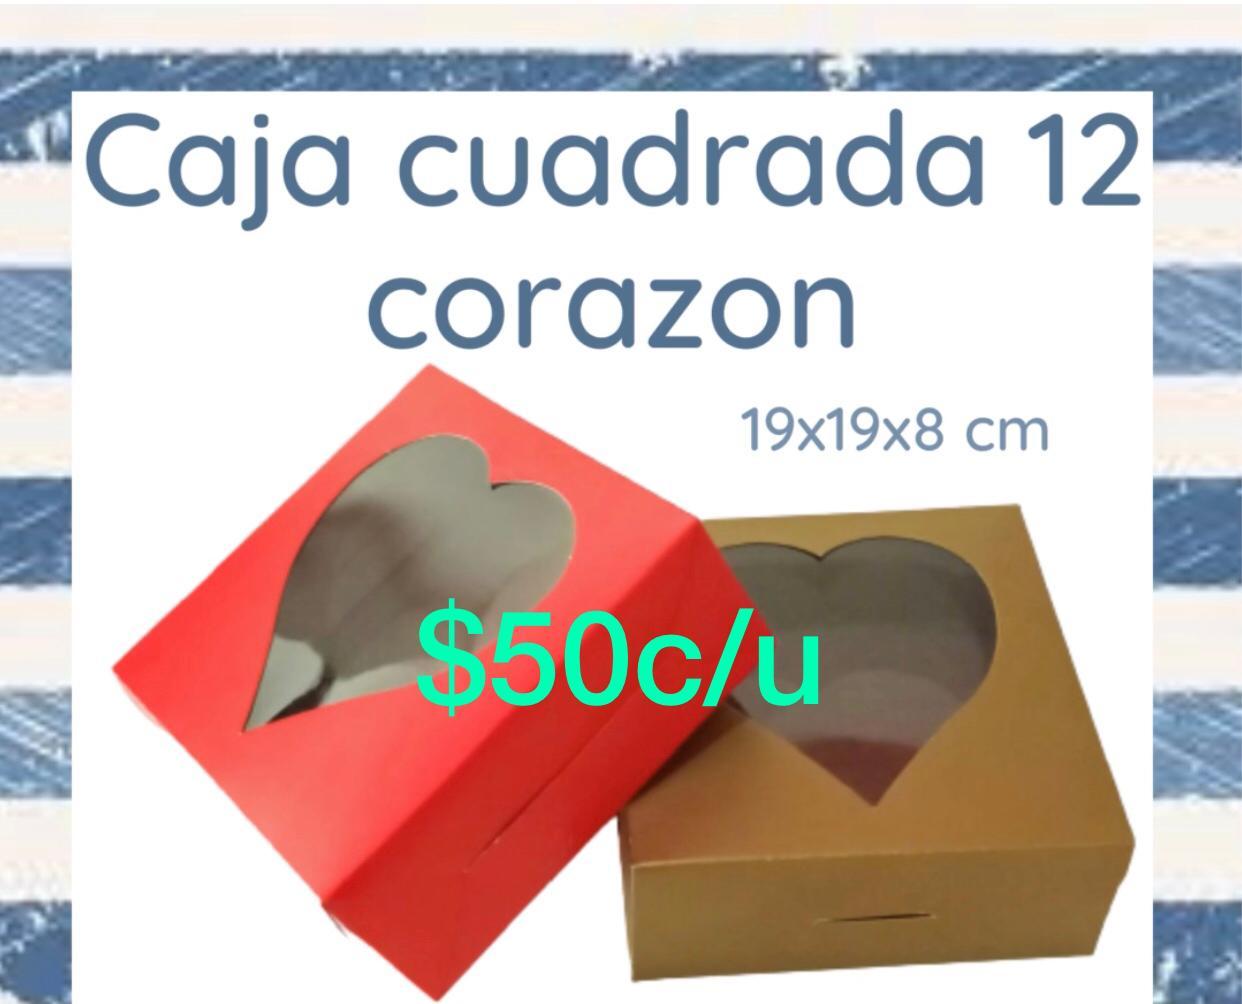 Caja cuadrada con Corazon